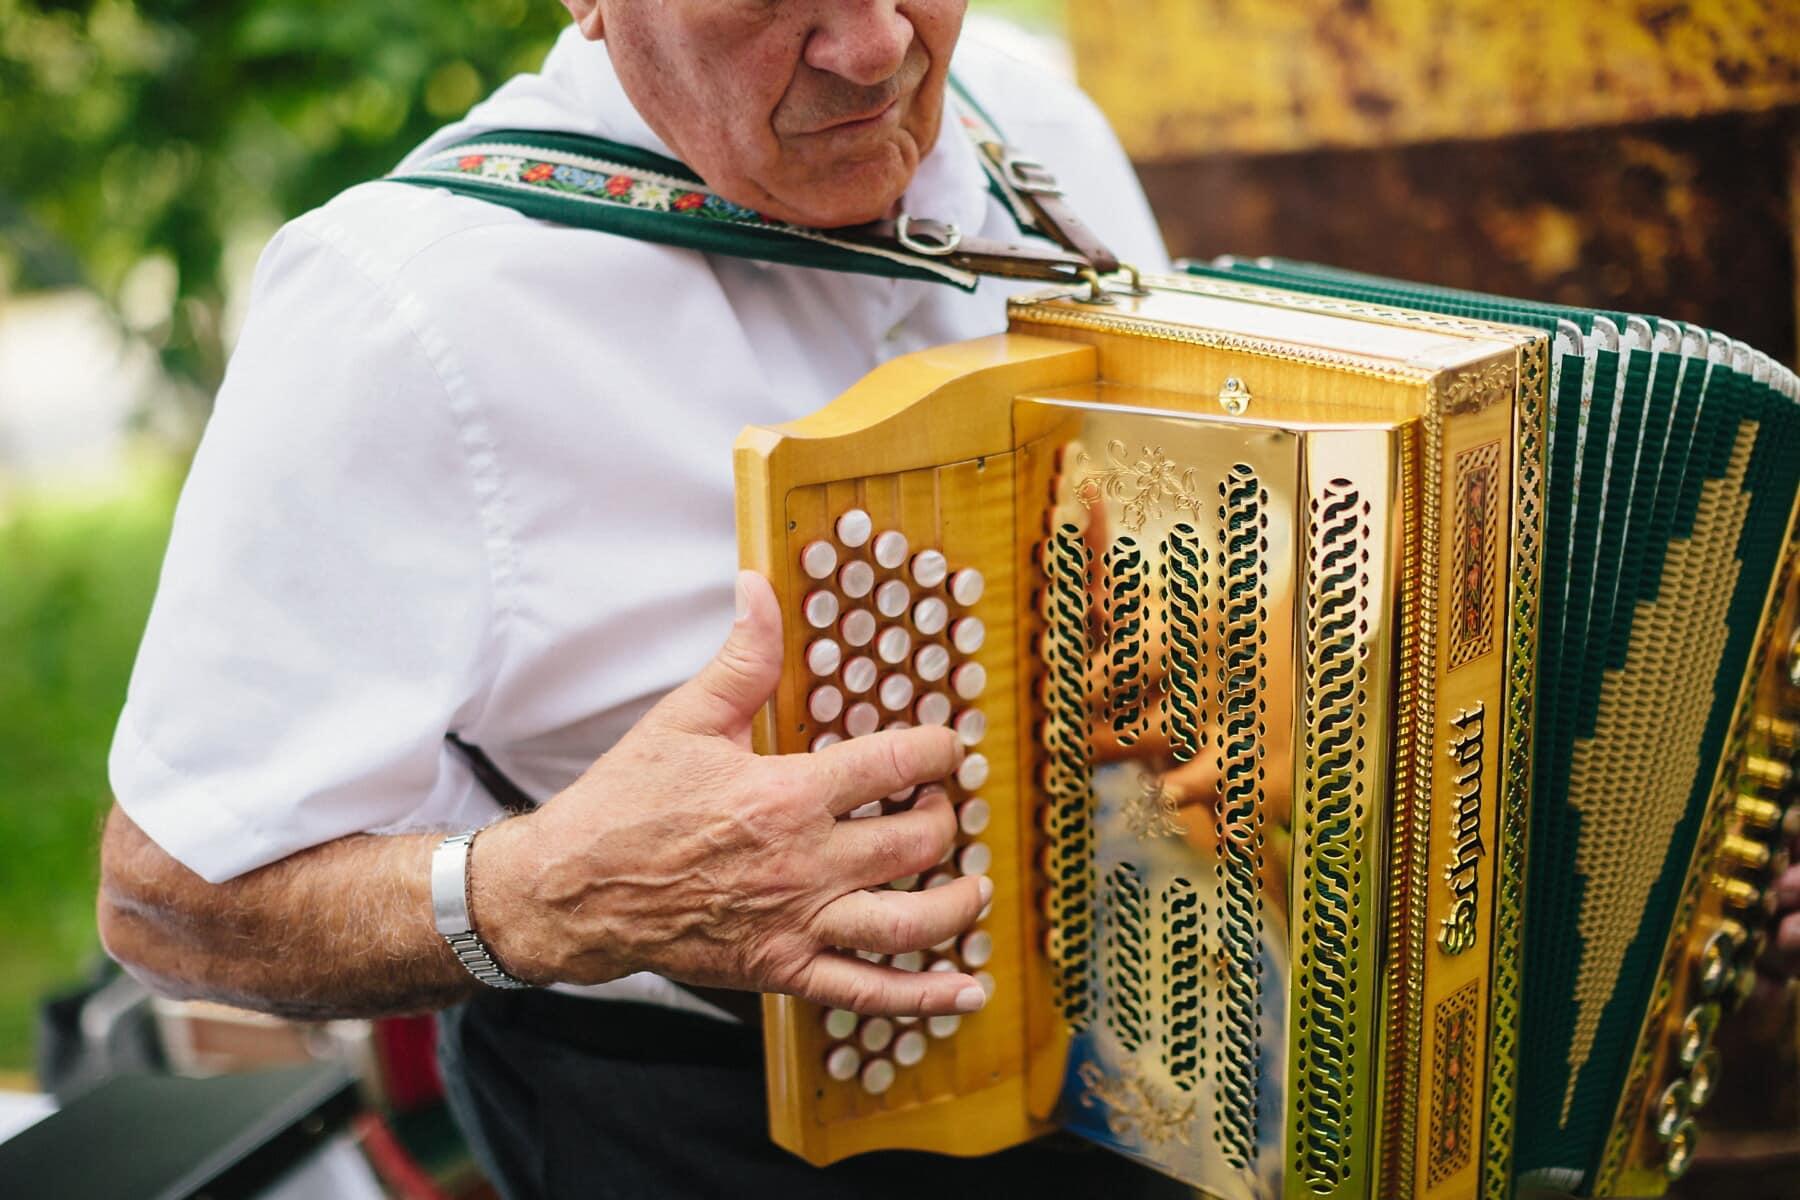 alten Stil, Akkordeon, goldener Glanz, glänzend, Lust auf, Performer, Musiker, Mann, ältere Menschen, Musik